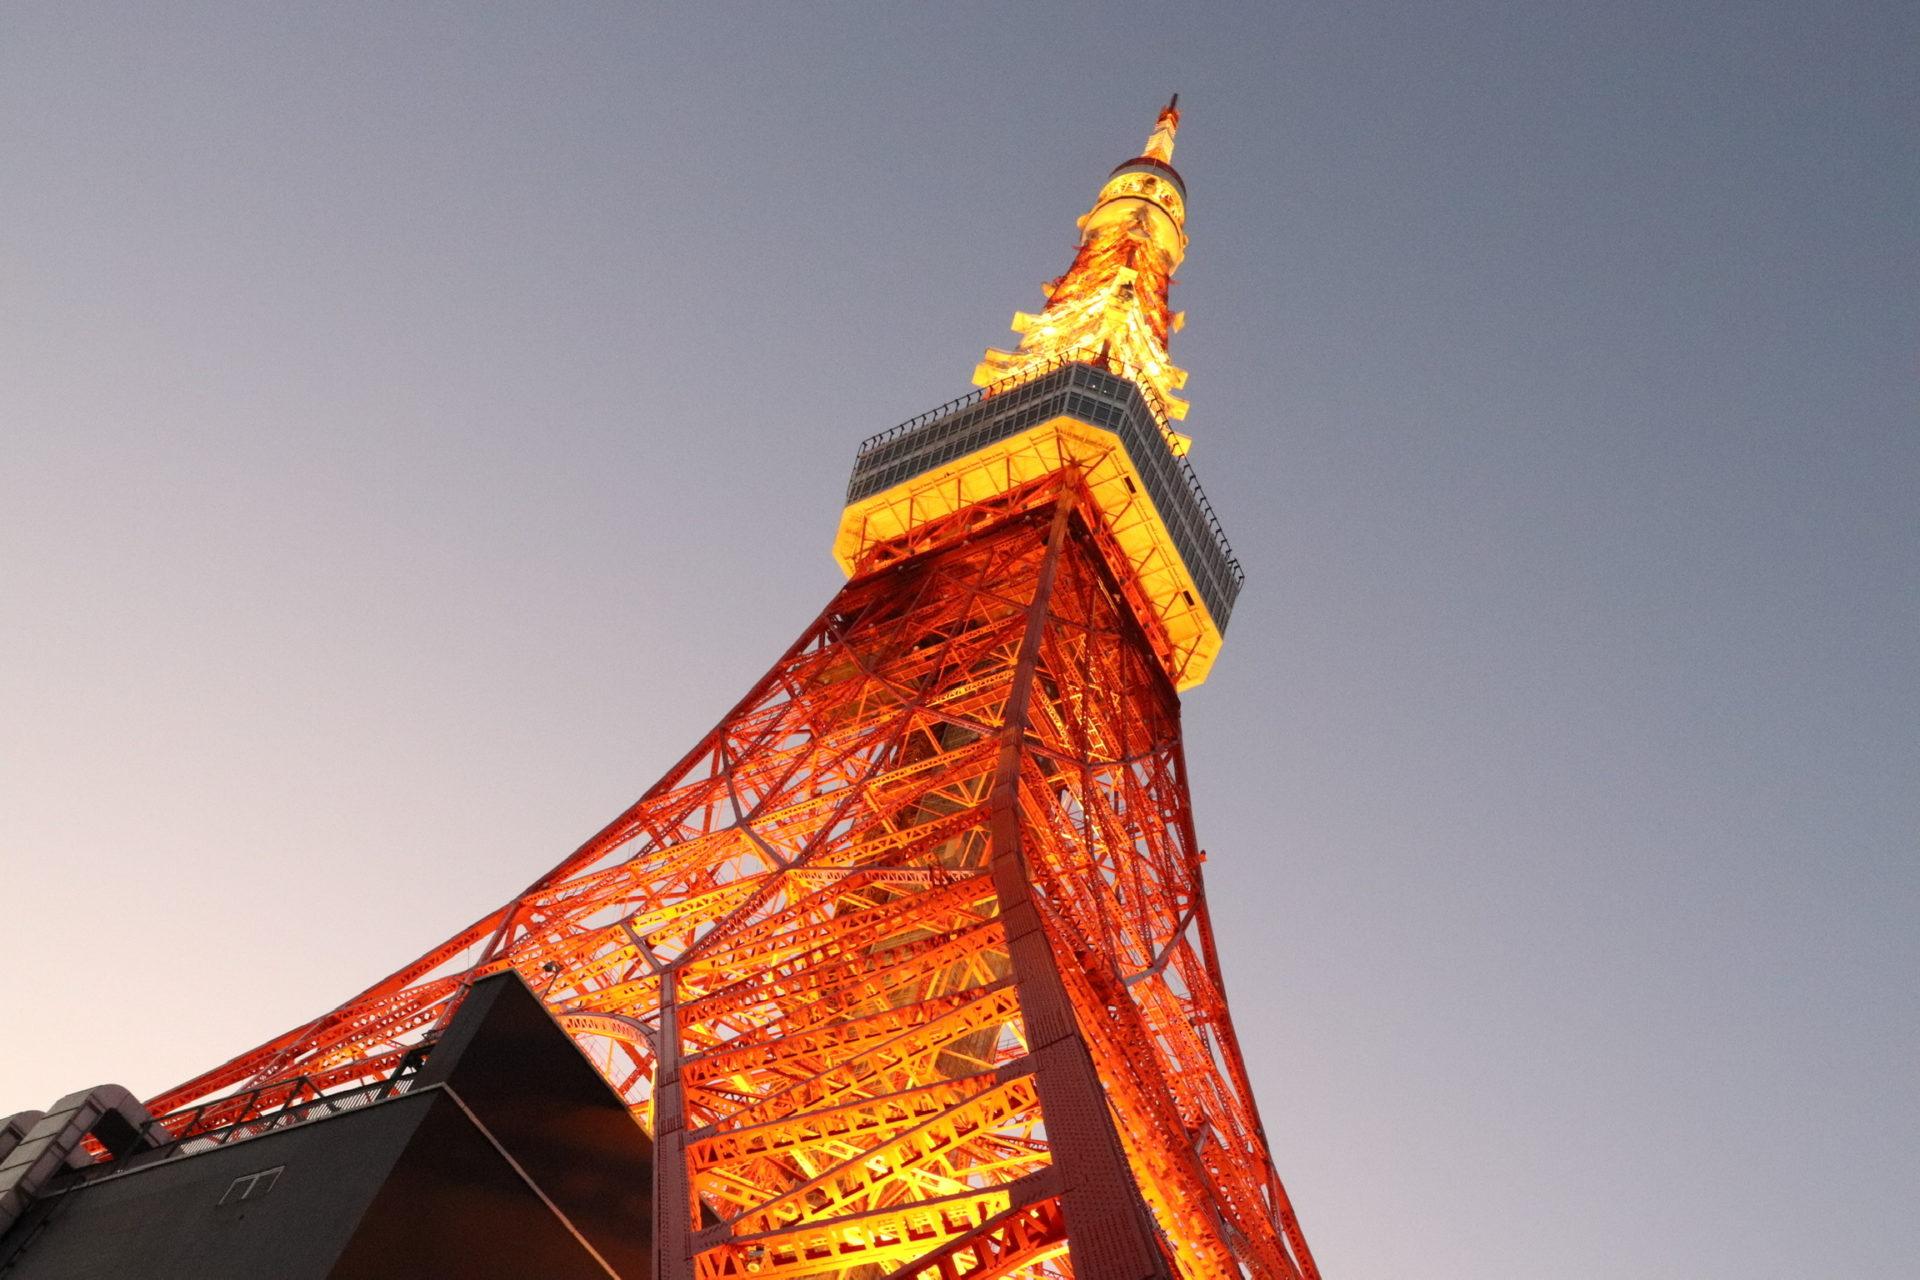 東京のシンボル・烈火の電波塔!東京タワーのリコメンド